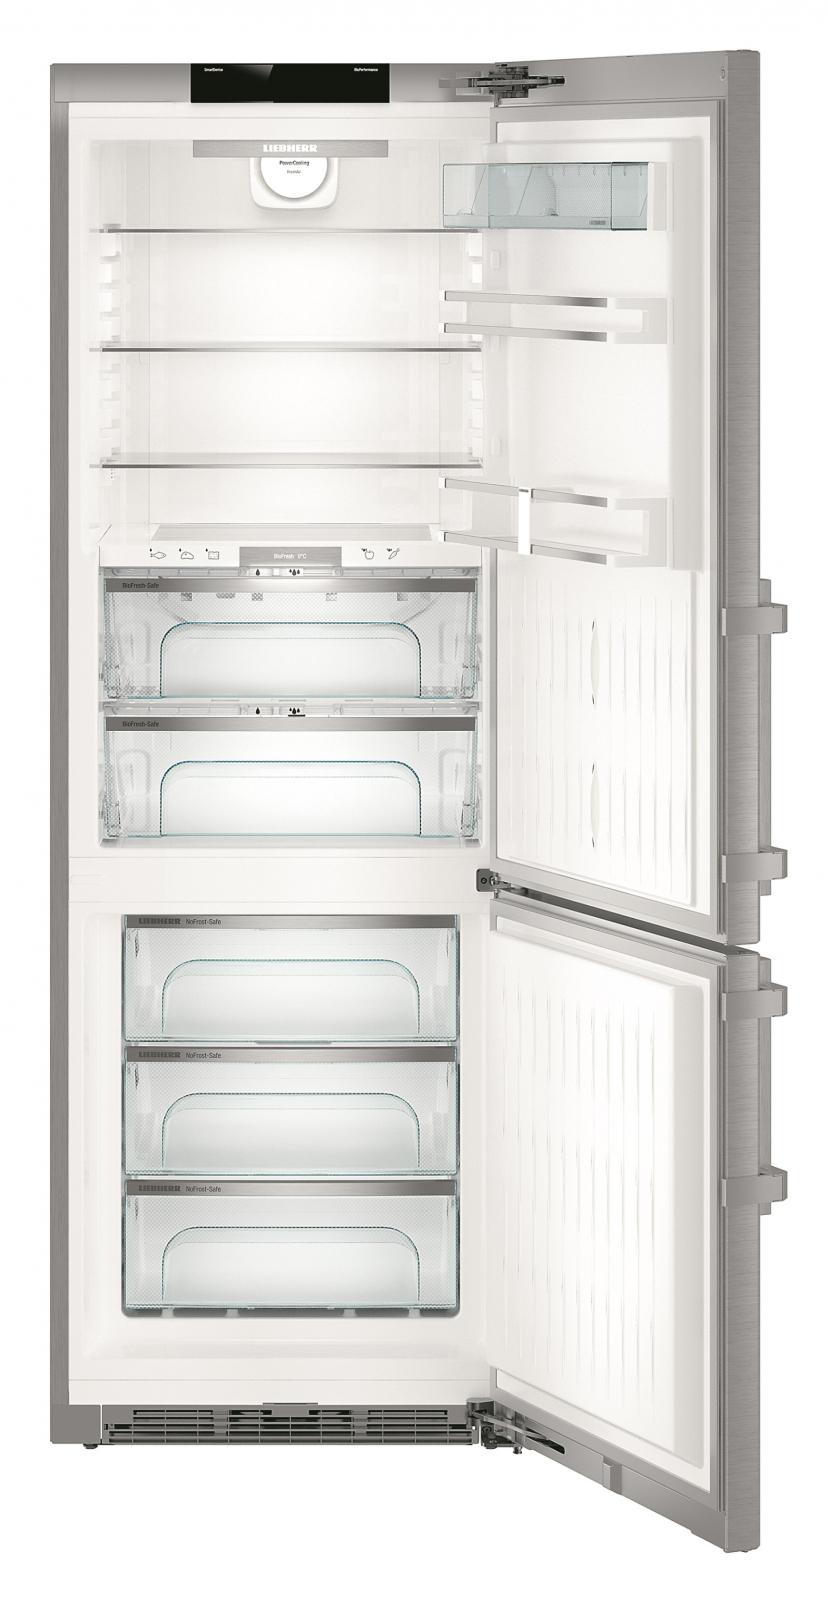 купить Двухкамерный холодильник Liebherr CBNPes 5758 Украина фото 1